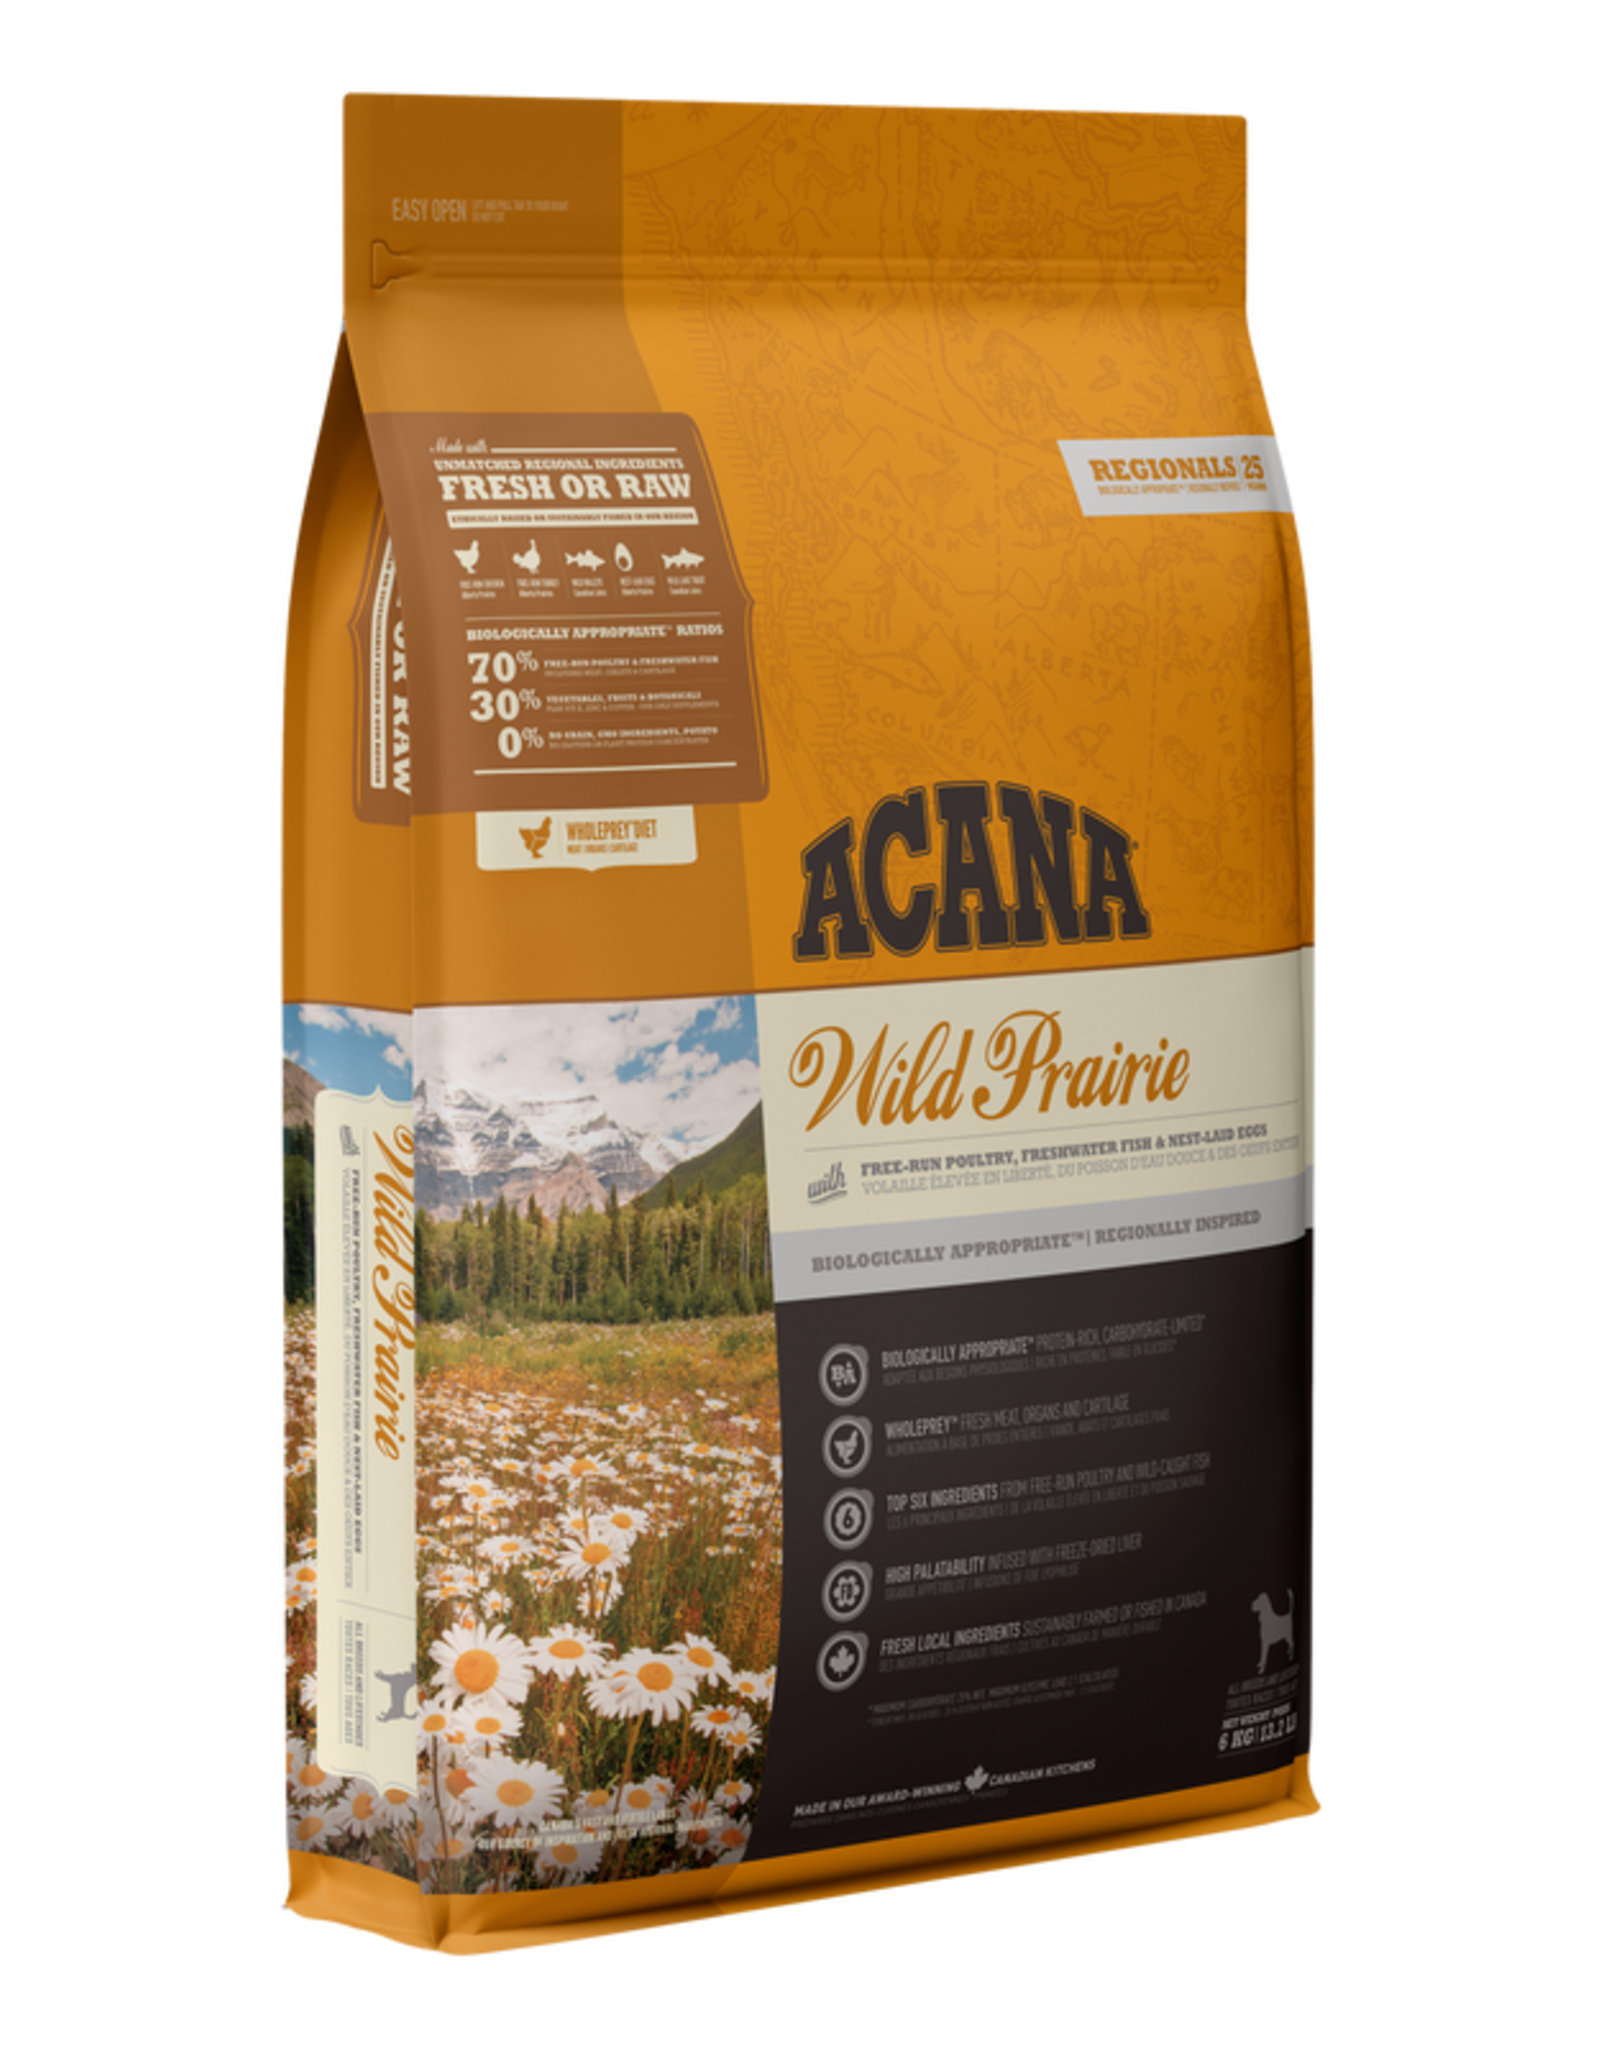 Acana Acana - Regionals Wild Prairie